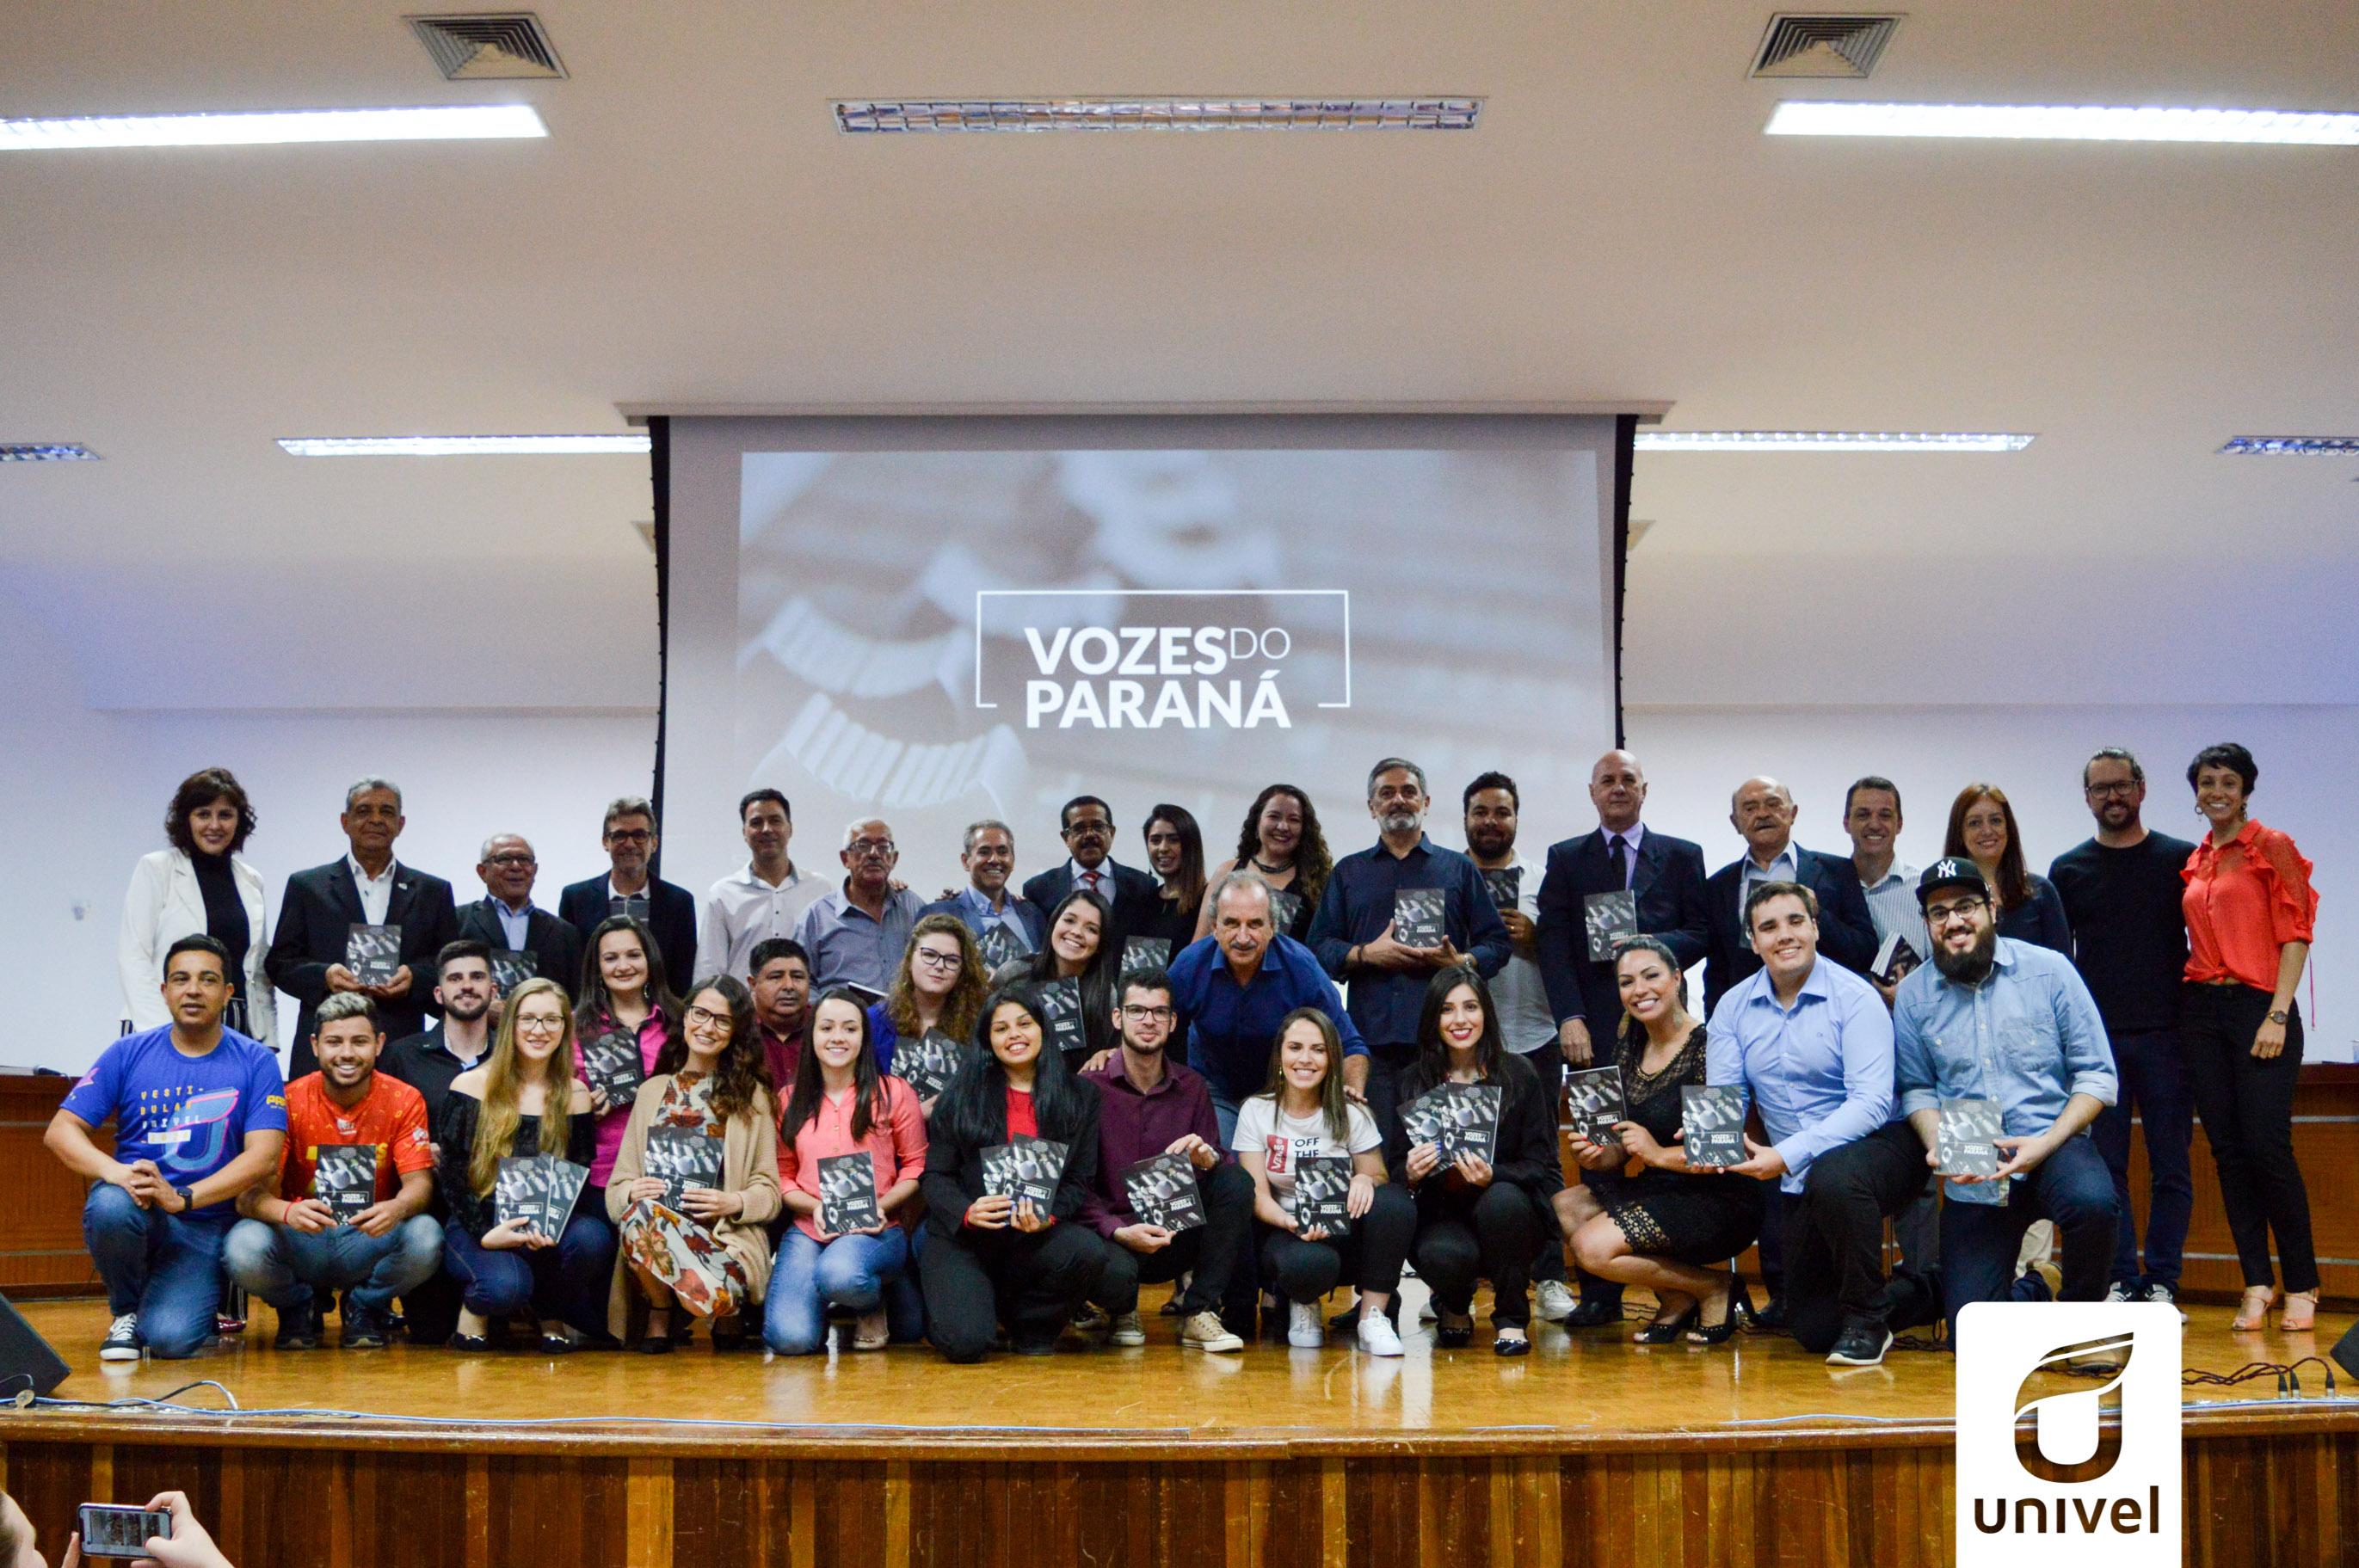 Vozes do Paraná: alunos e professores da Univel lançam livro sobre personalidades da comunicação